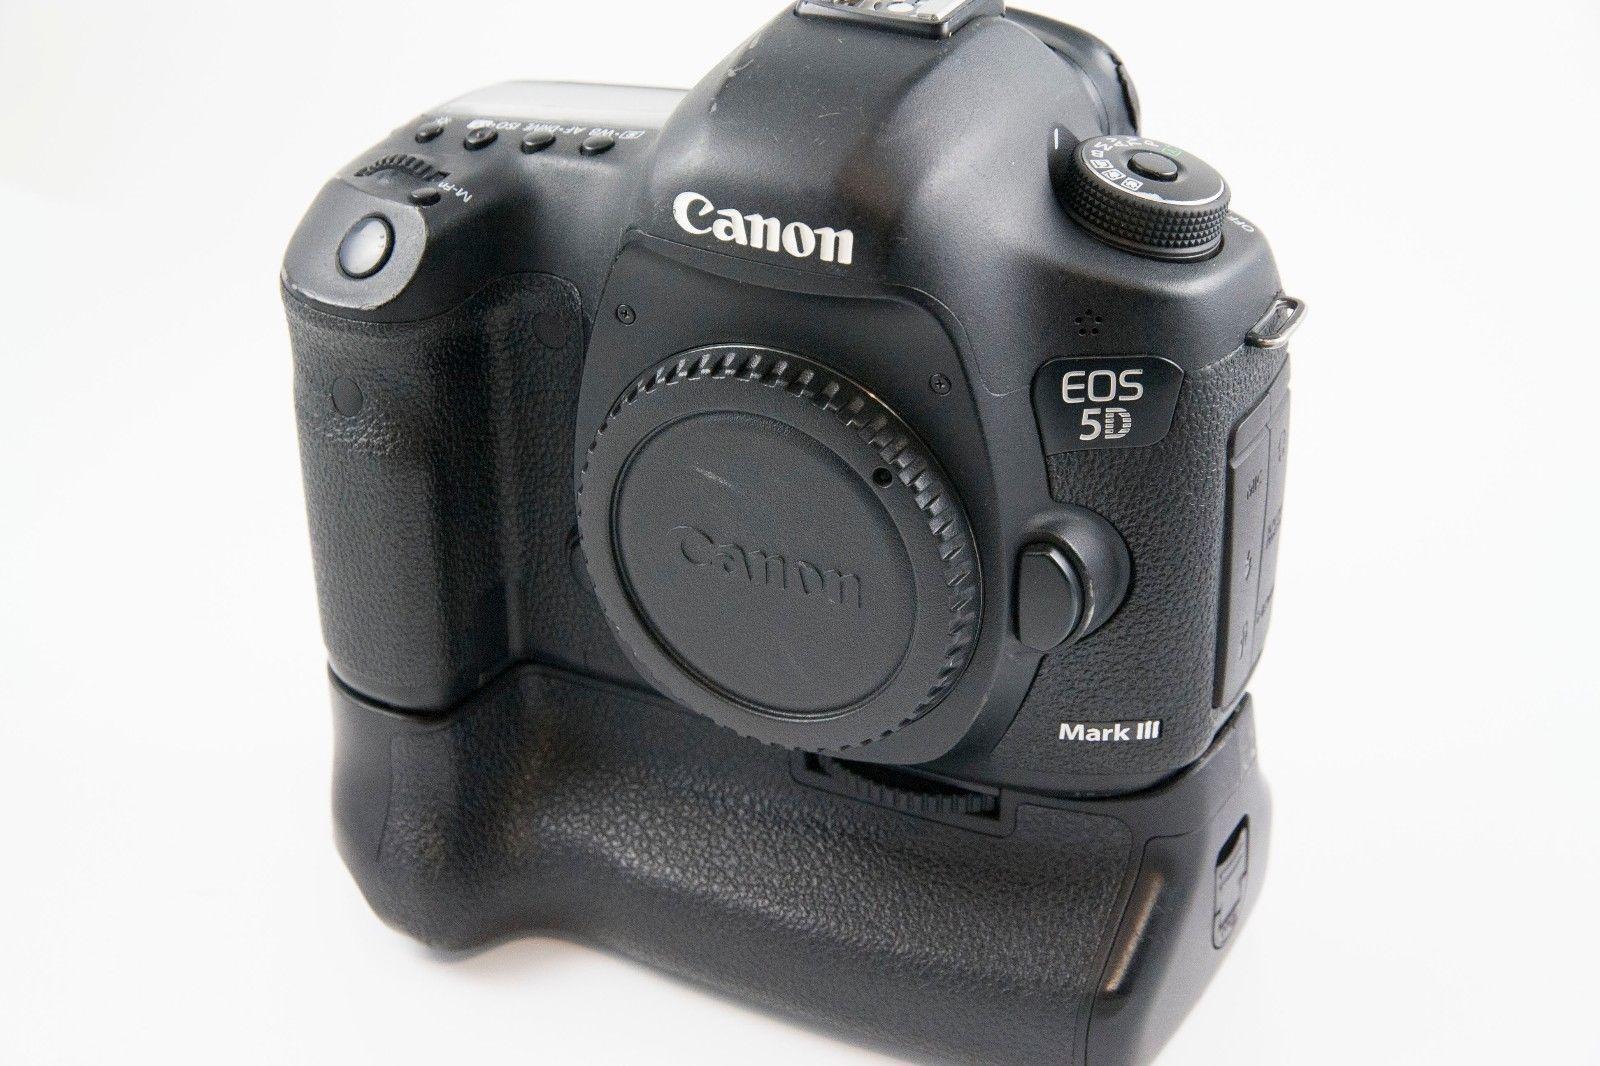 Canon Eos 5d Mark Iii 22 3mp Digital Camera W Canon Bg E11 Battery Grip Digital Camera Camera Eos